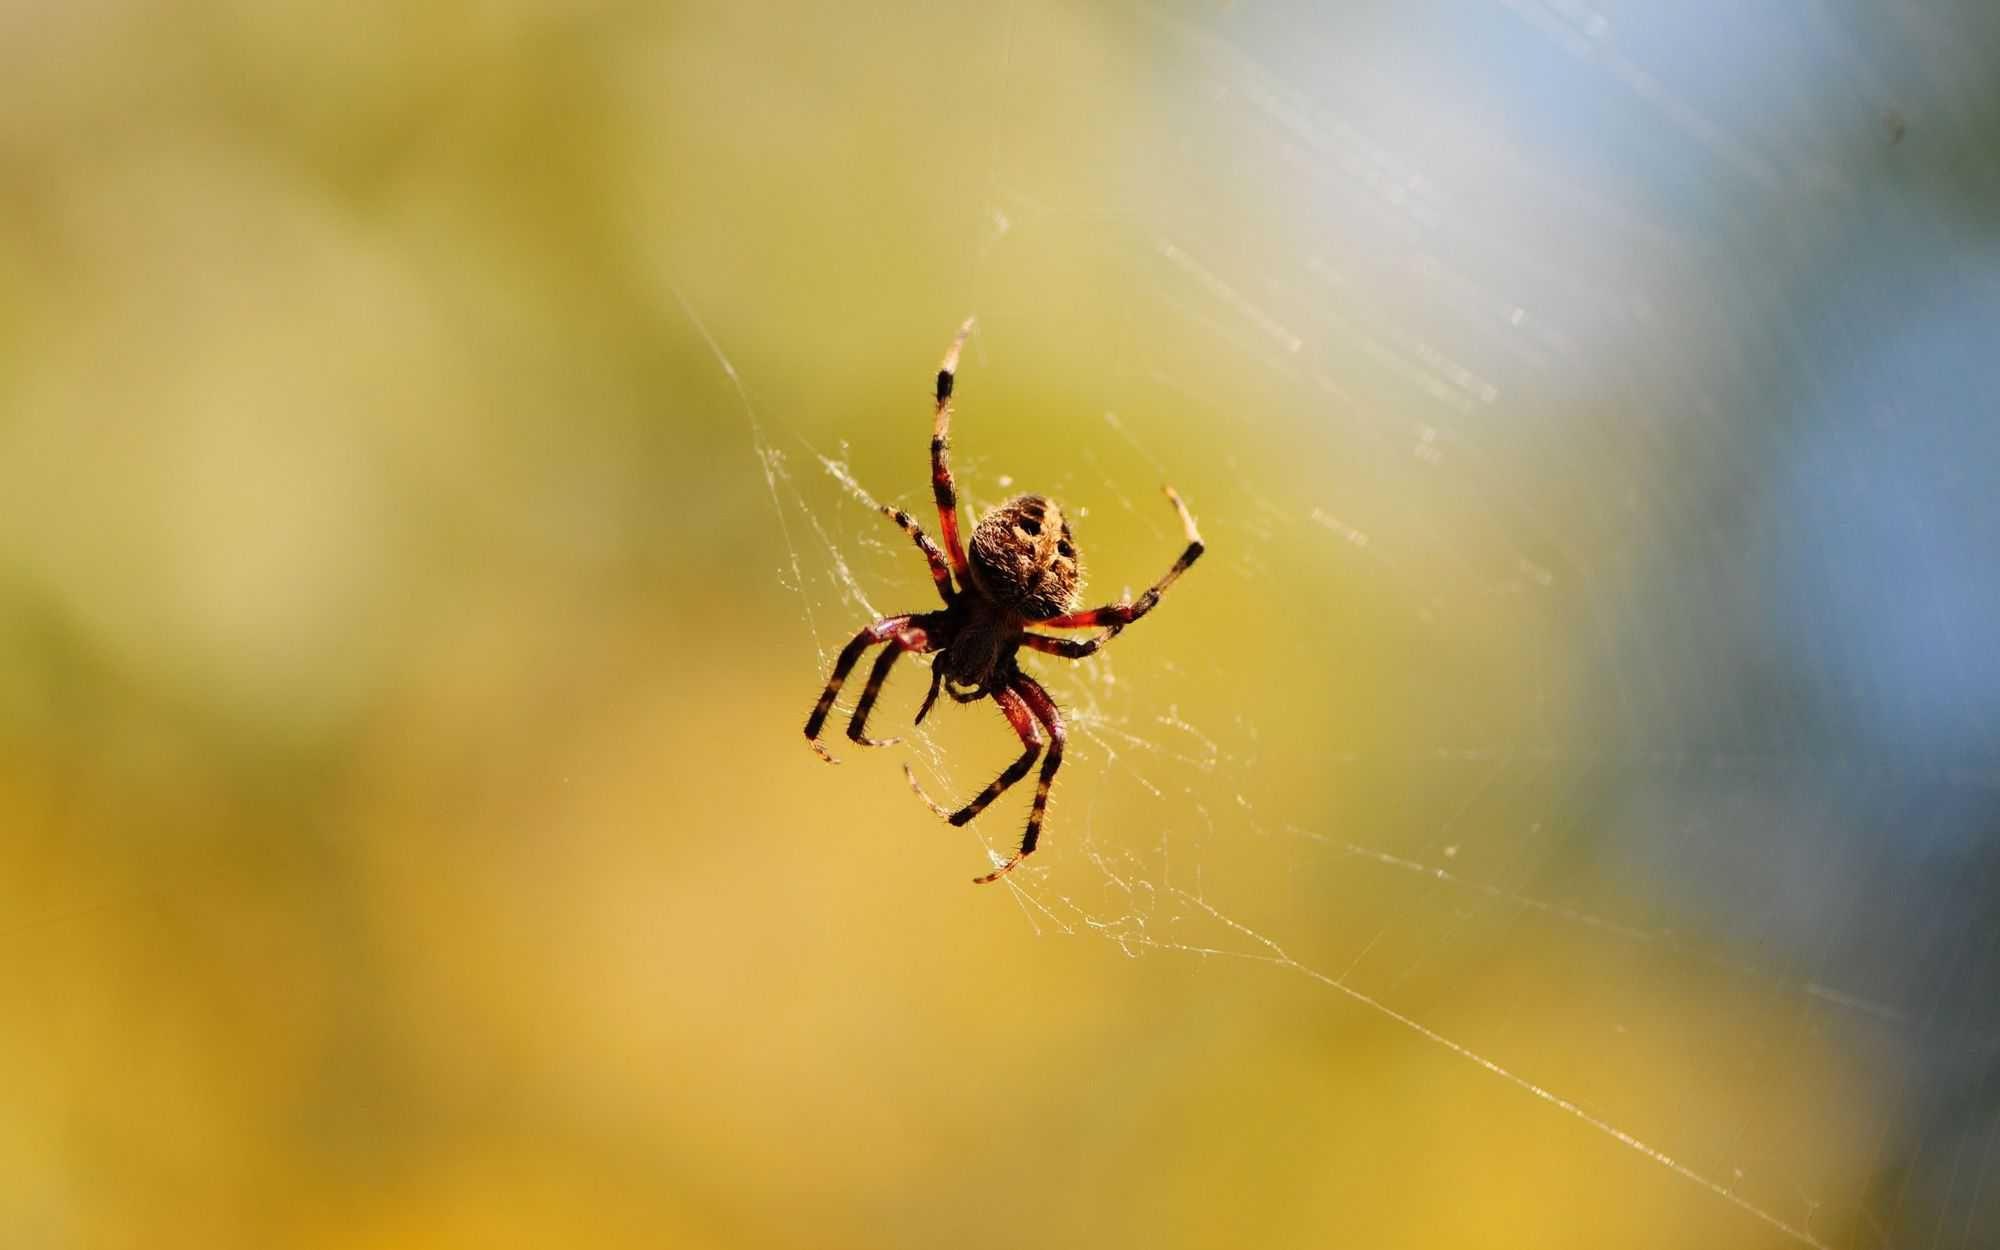 تفسير العنكبوت في الحلم للامام الصادق موسوعة Spider Pet Birds Poisonous Spiders